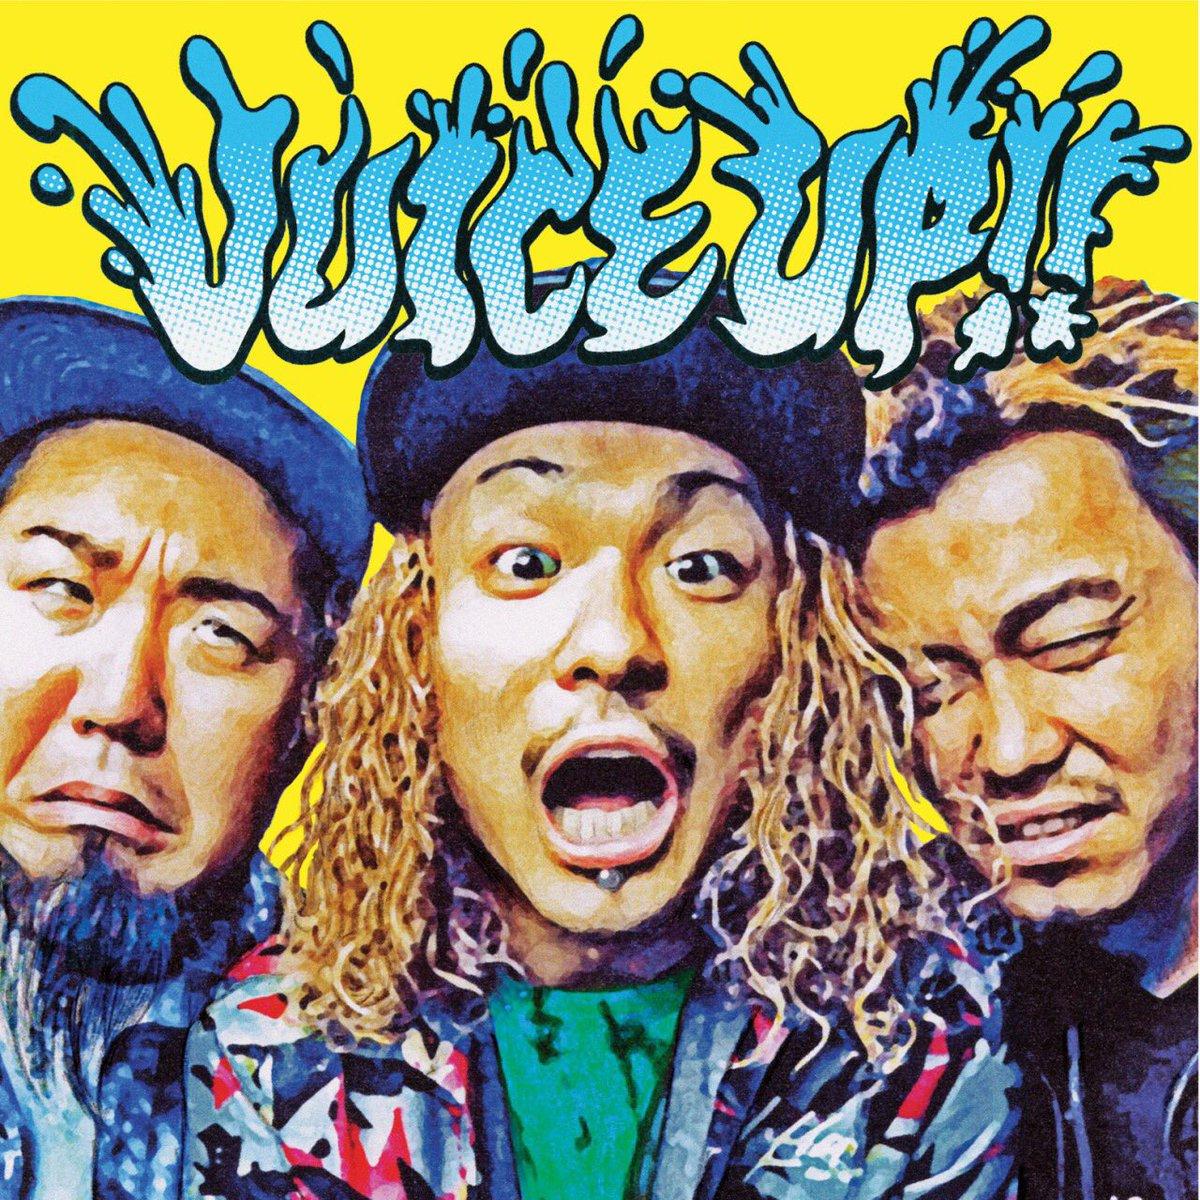 【本日フラゲ日】  2ndシングル  「JUICE UP‼︎」  明日が発売日ですが早い所では本日か…